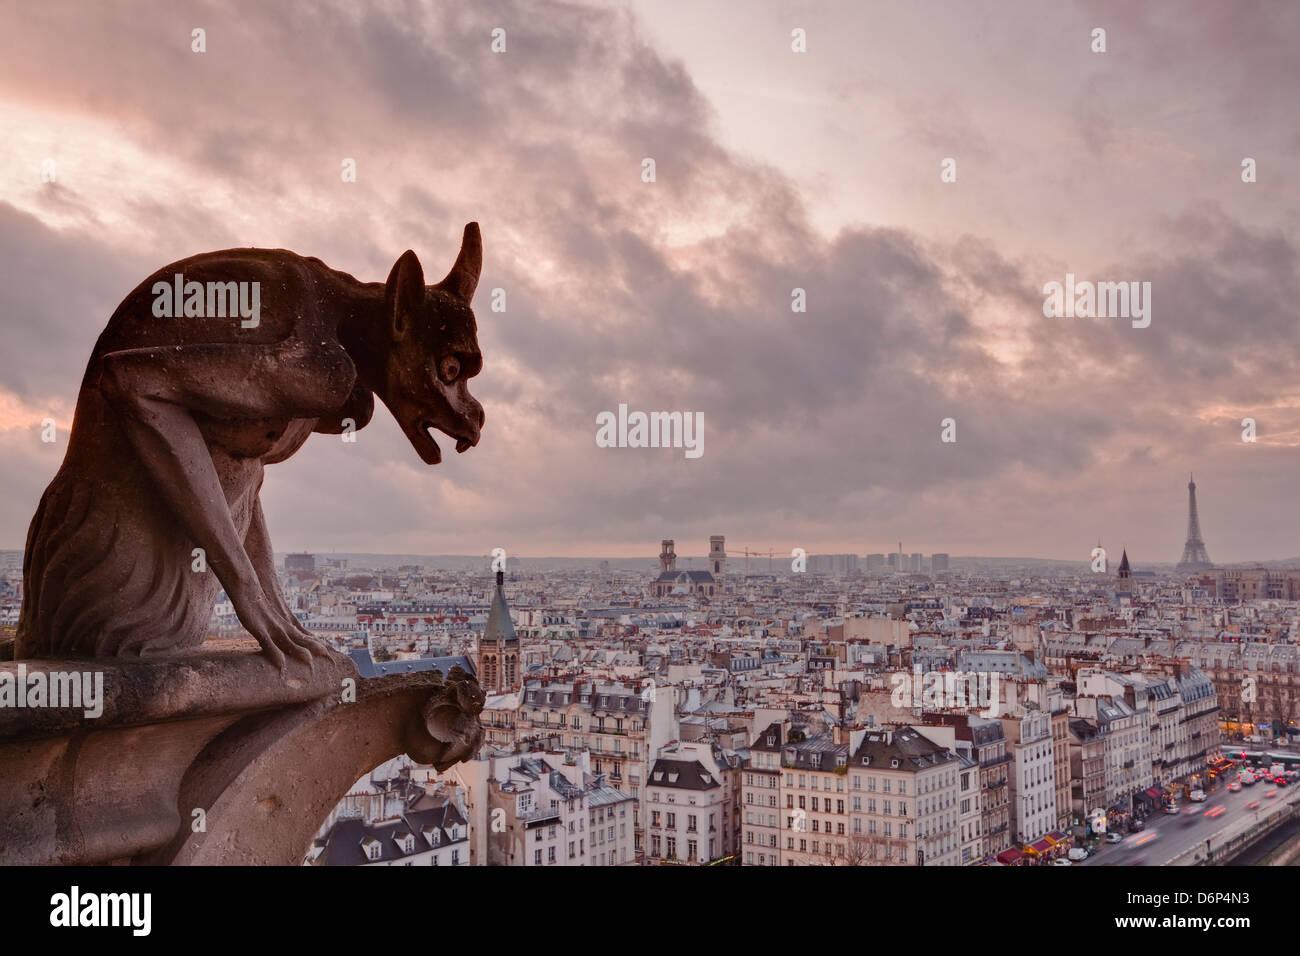 Une gargouille de Notre Dame de Paris regarde au-dessus de la ville, Paris, France, Europe Photo Stock